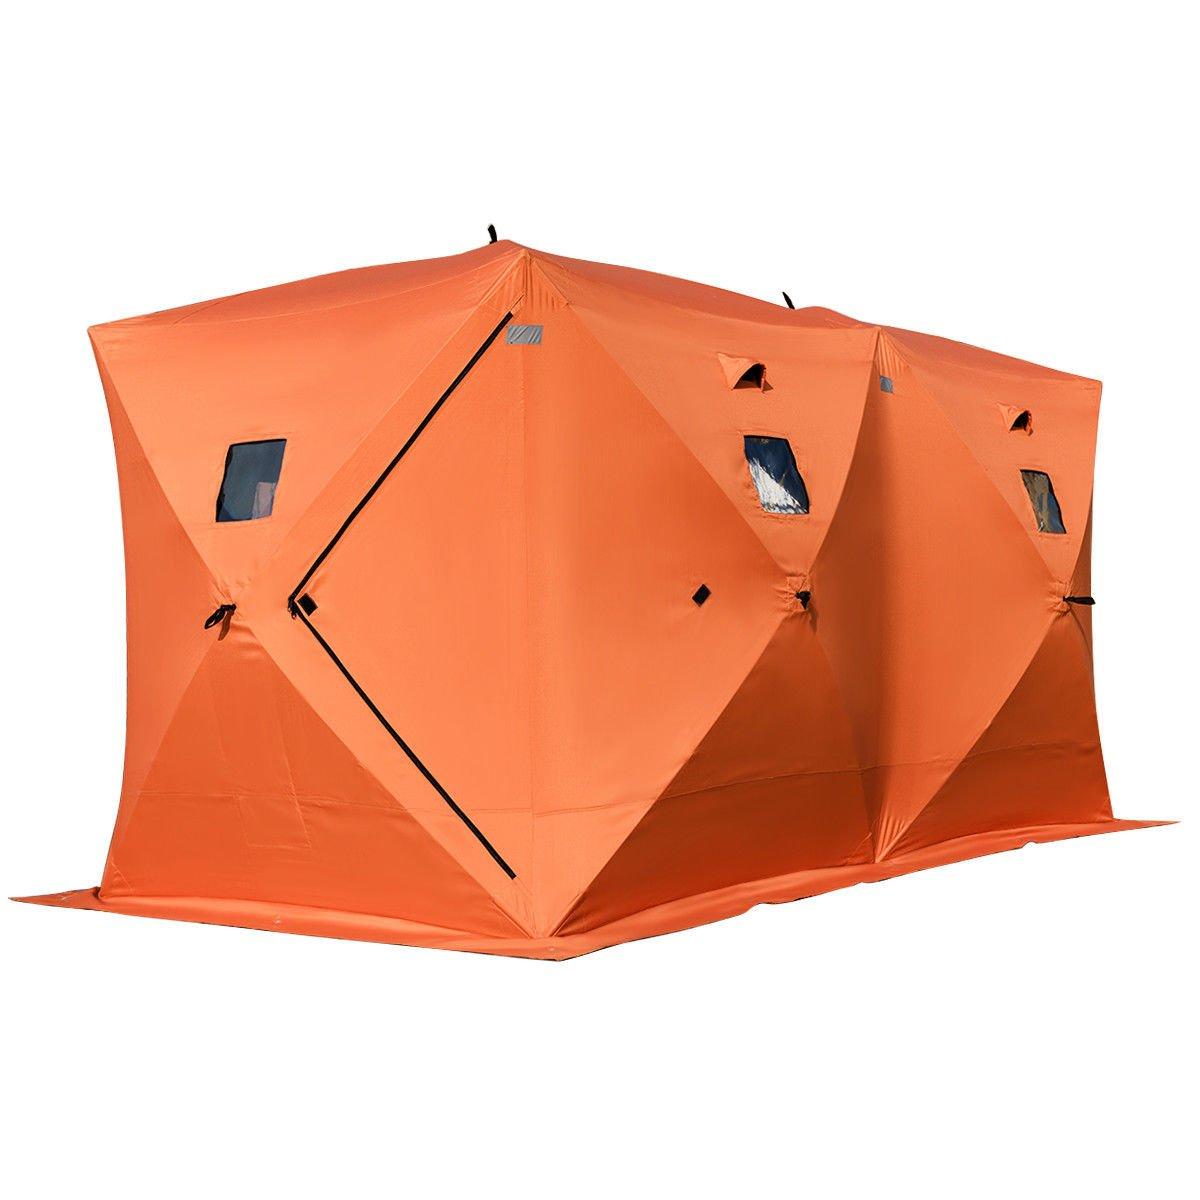 Alitop 防水ポップアップ 8人用 アイスシェルター フィッシングテント シャンティーウィンドウ キャリーバッグ付き   B07MXN3X85